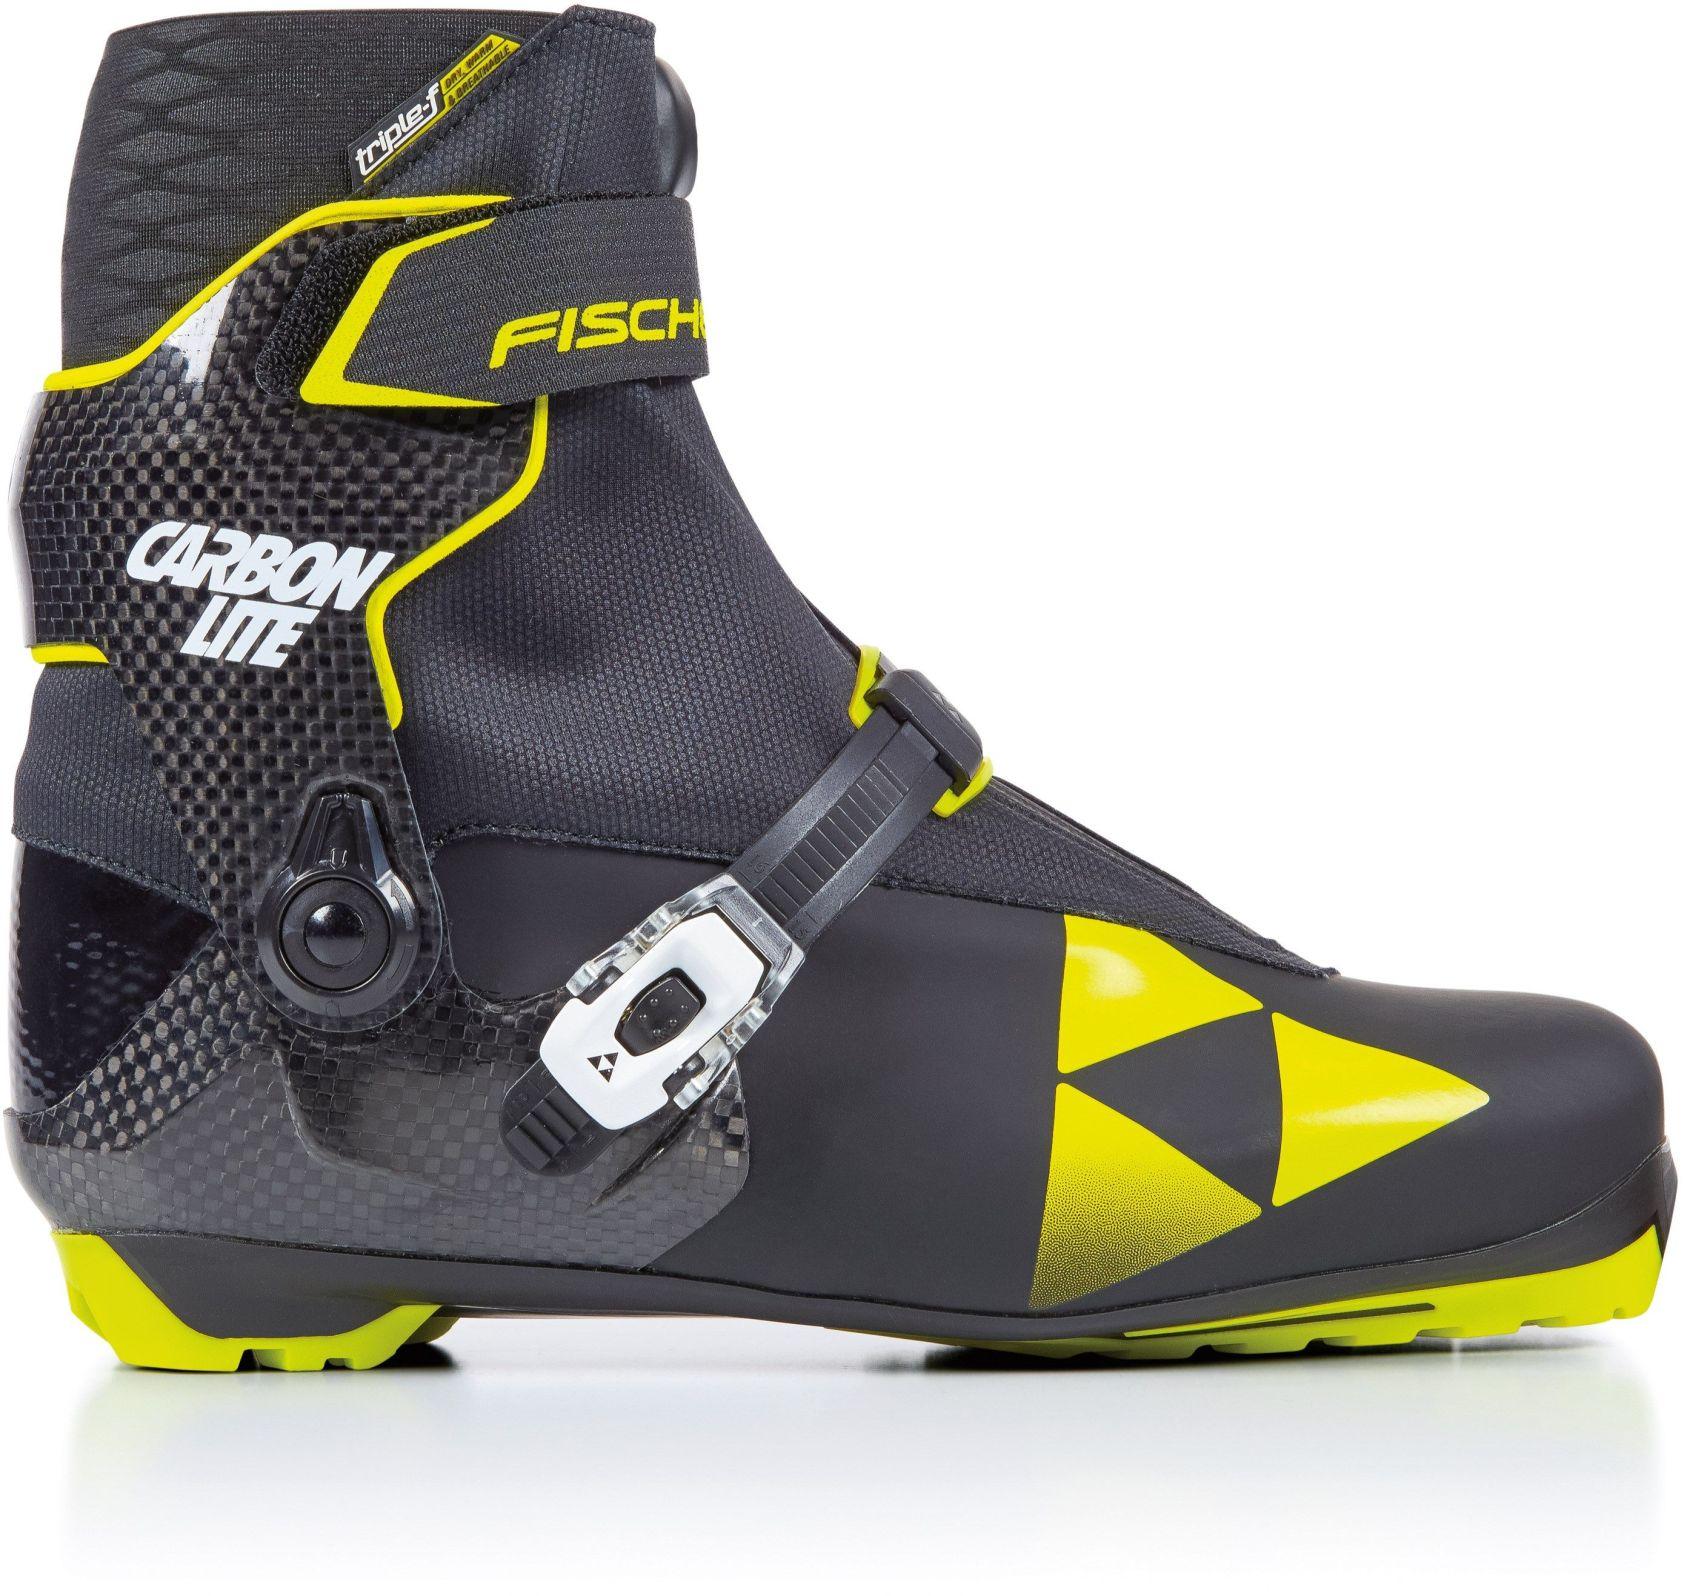 Fischer Carbonlite Skate 46